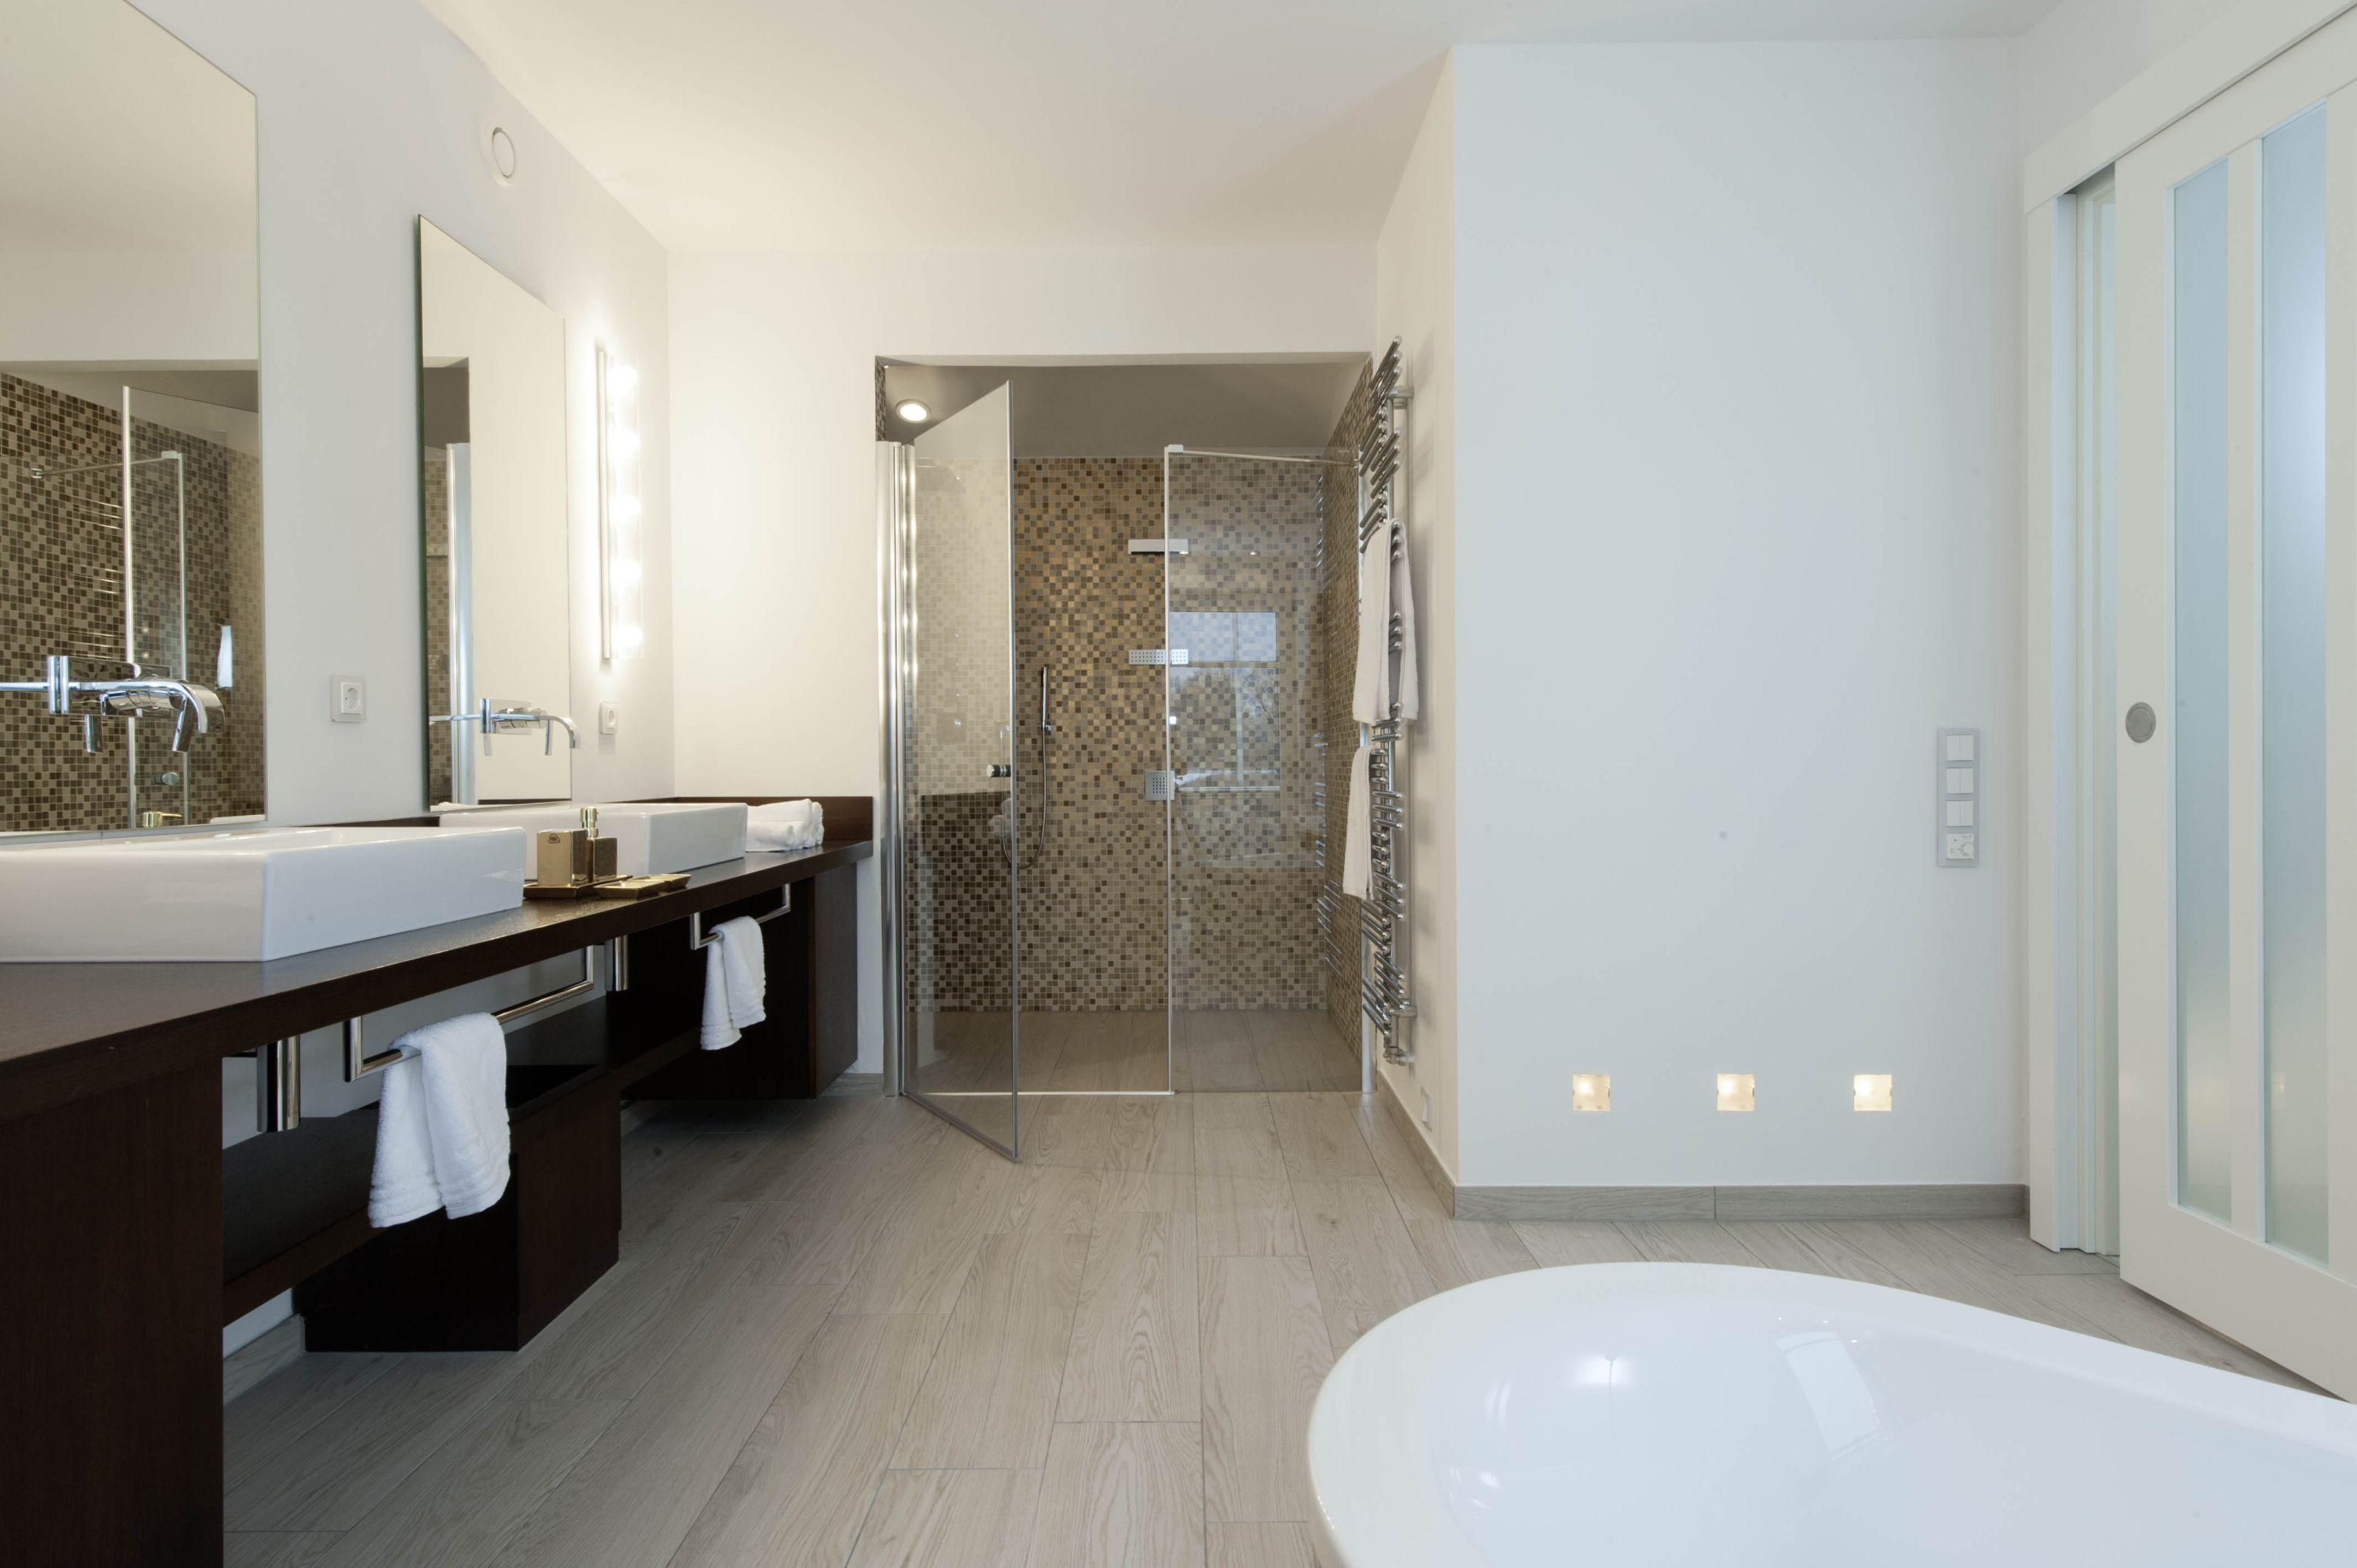 limited designed by jette joop traumhaus f r individualisten viebrockhaus innenarchitektur. Black Bedroom Furniture Sets. Home Design Ideas